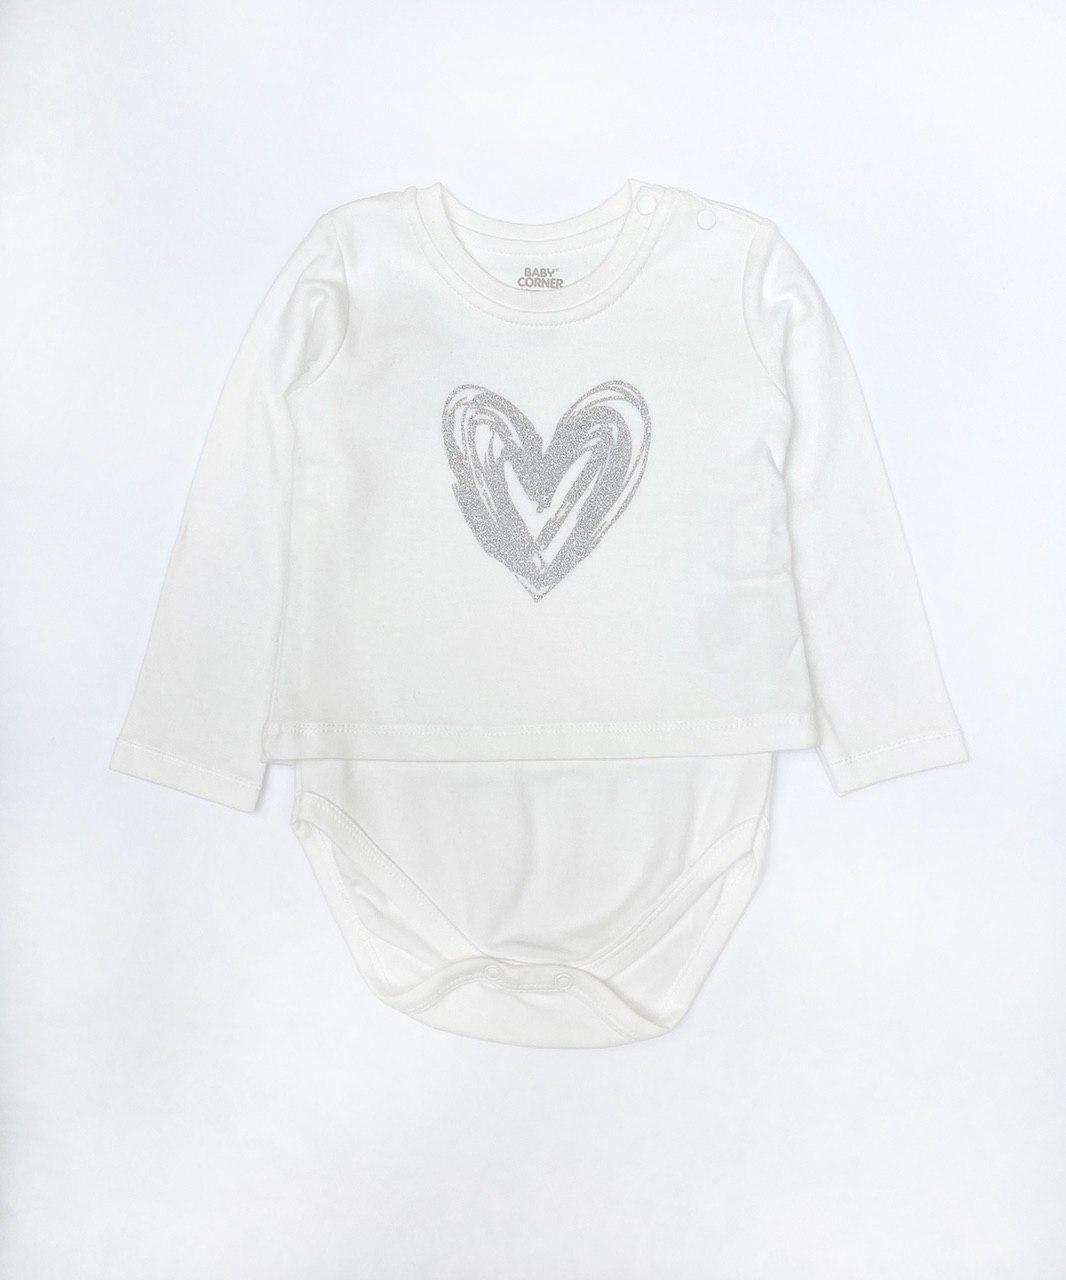 Боді з футболкою для дівчинки, розміри 6 міс і 2 роки